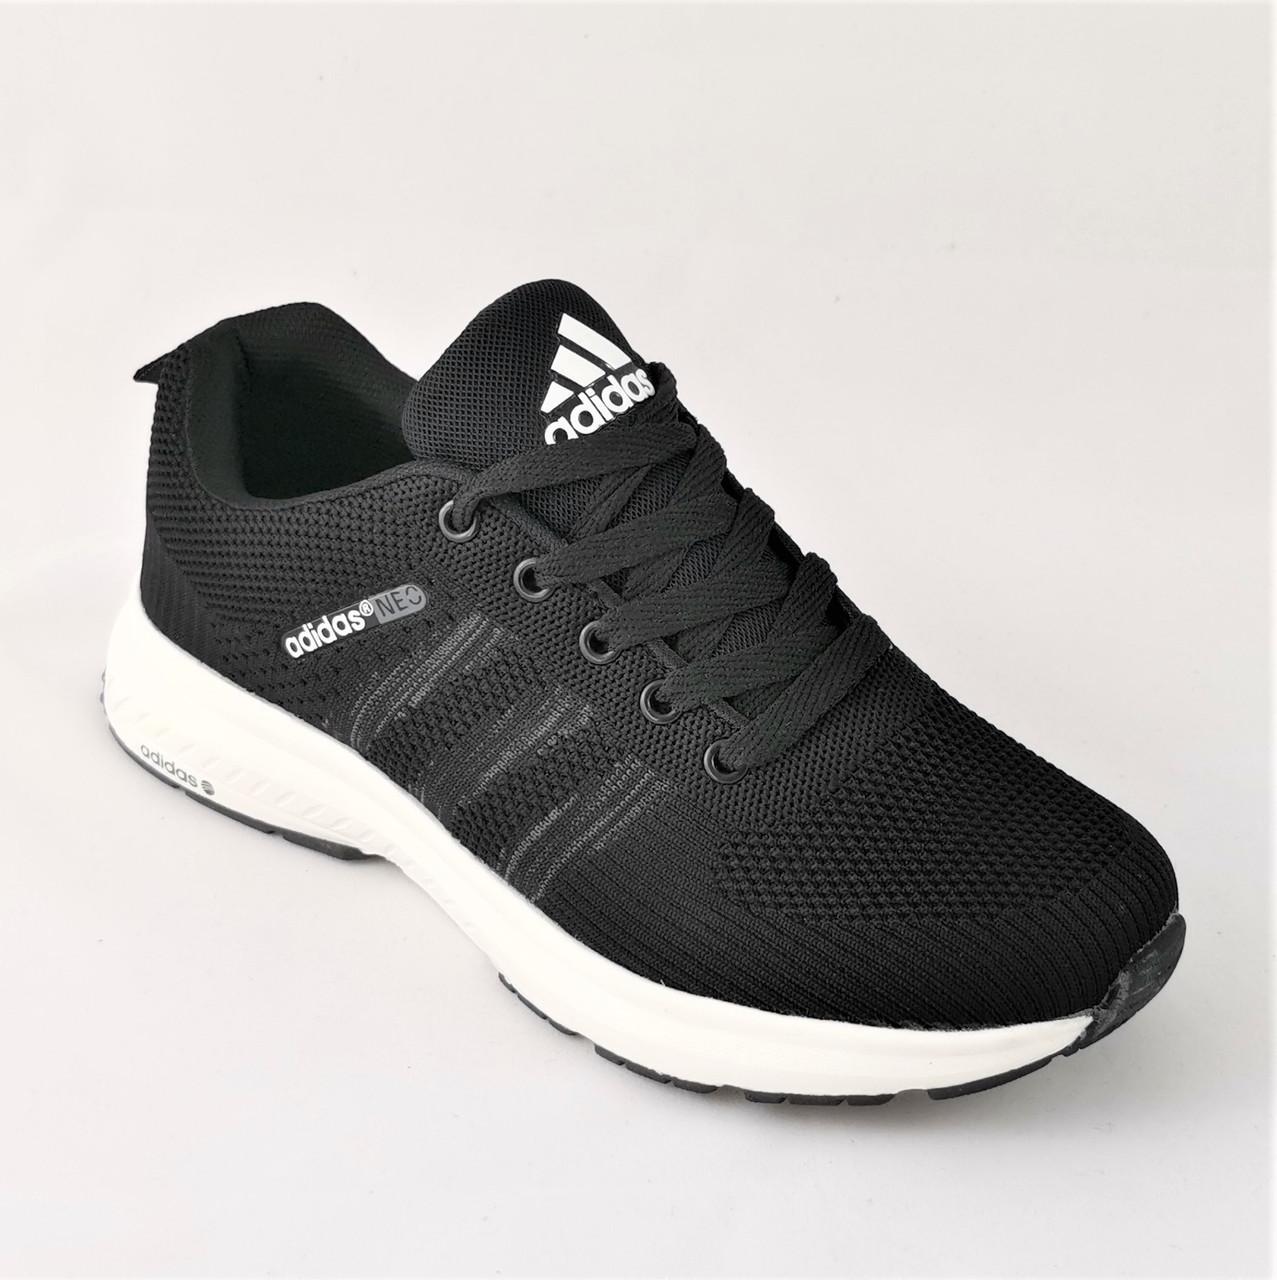 Кроссовки мужские в стиле Adidas Neo Чёрные Адидас Мужские (размеры: 40, 41, 42, 43, 44, 45)